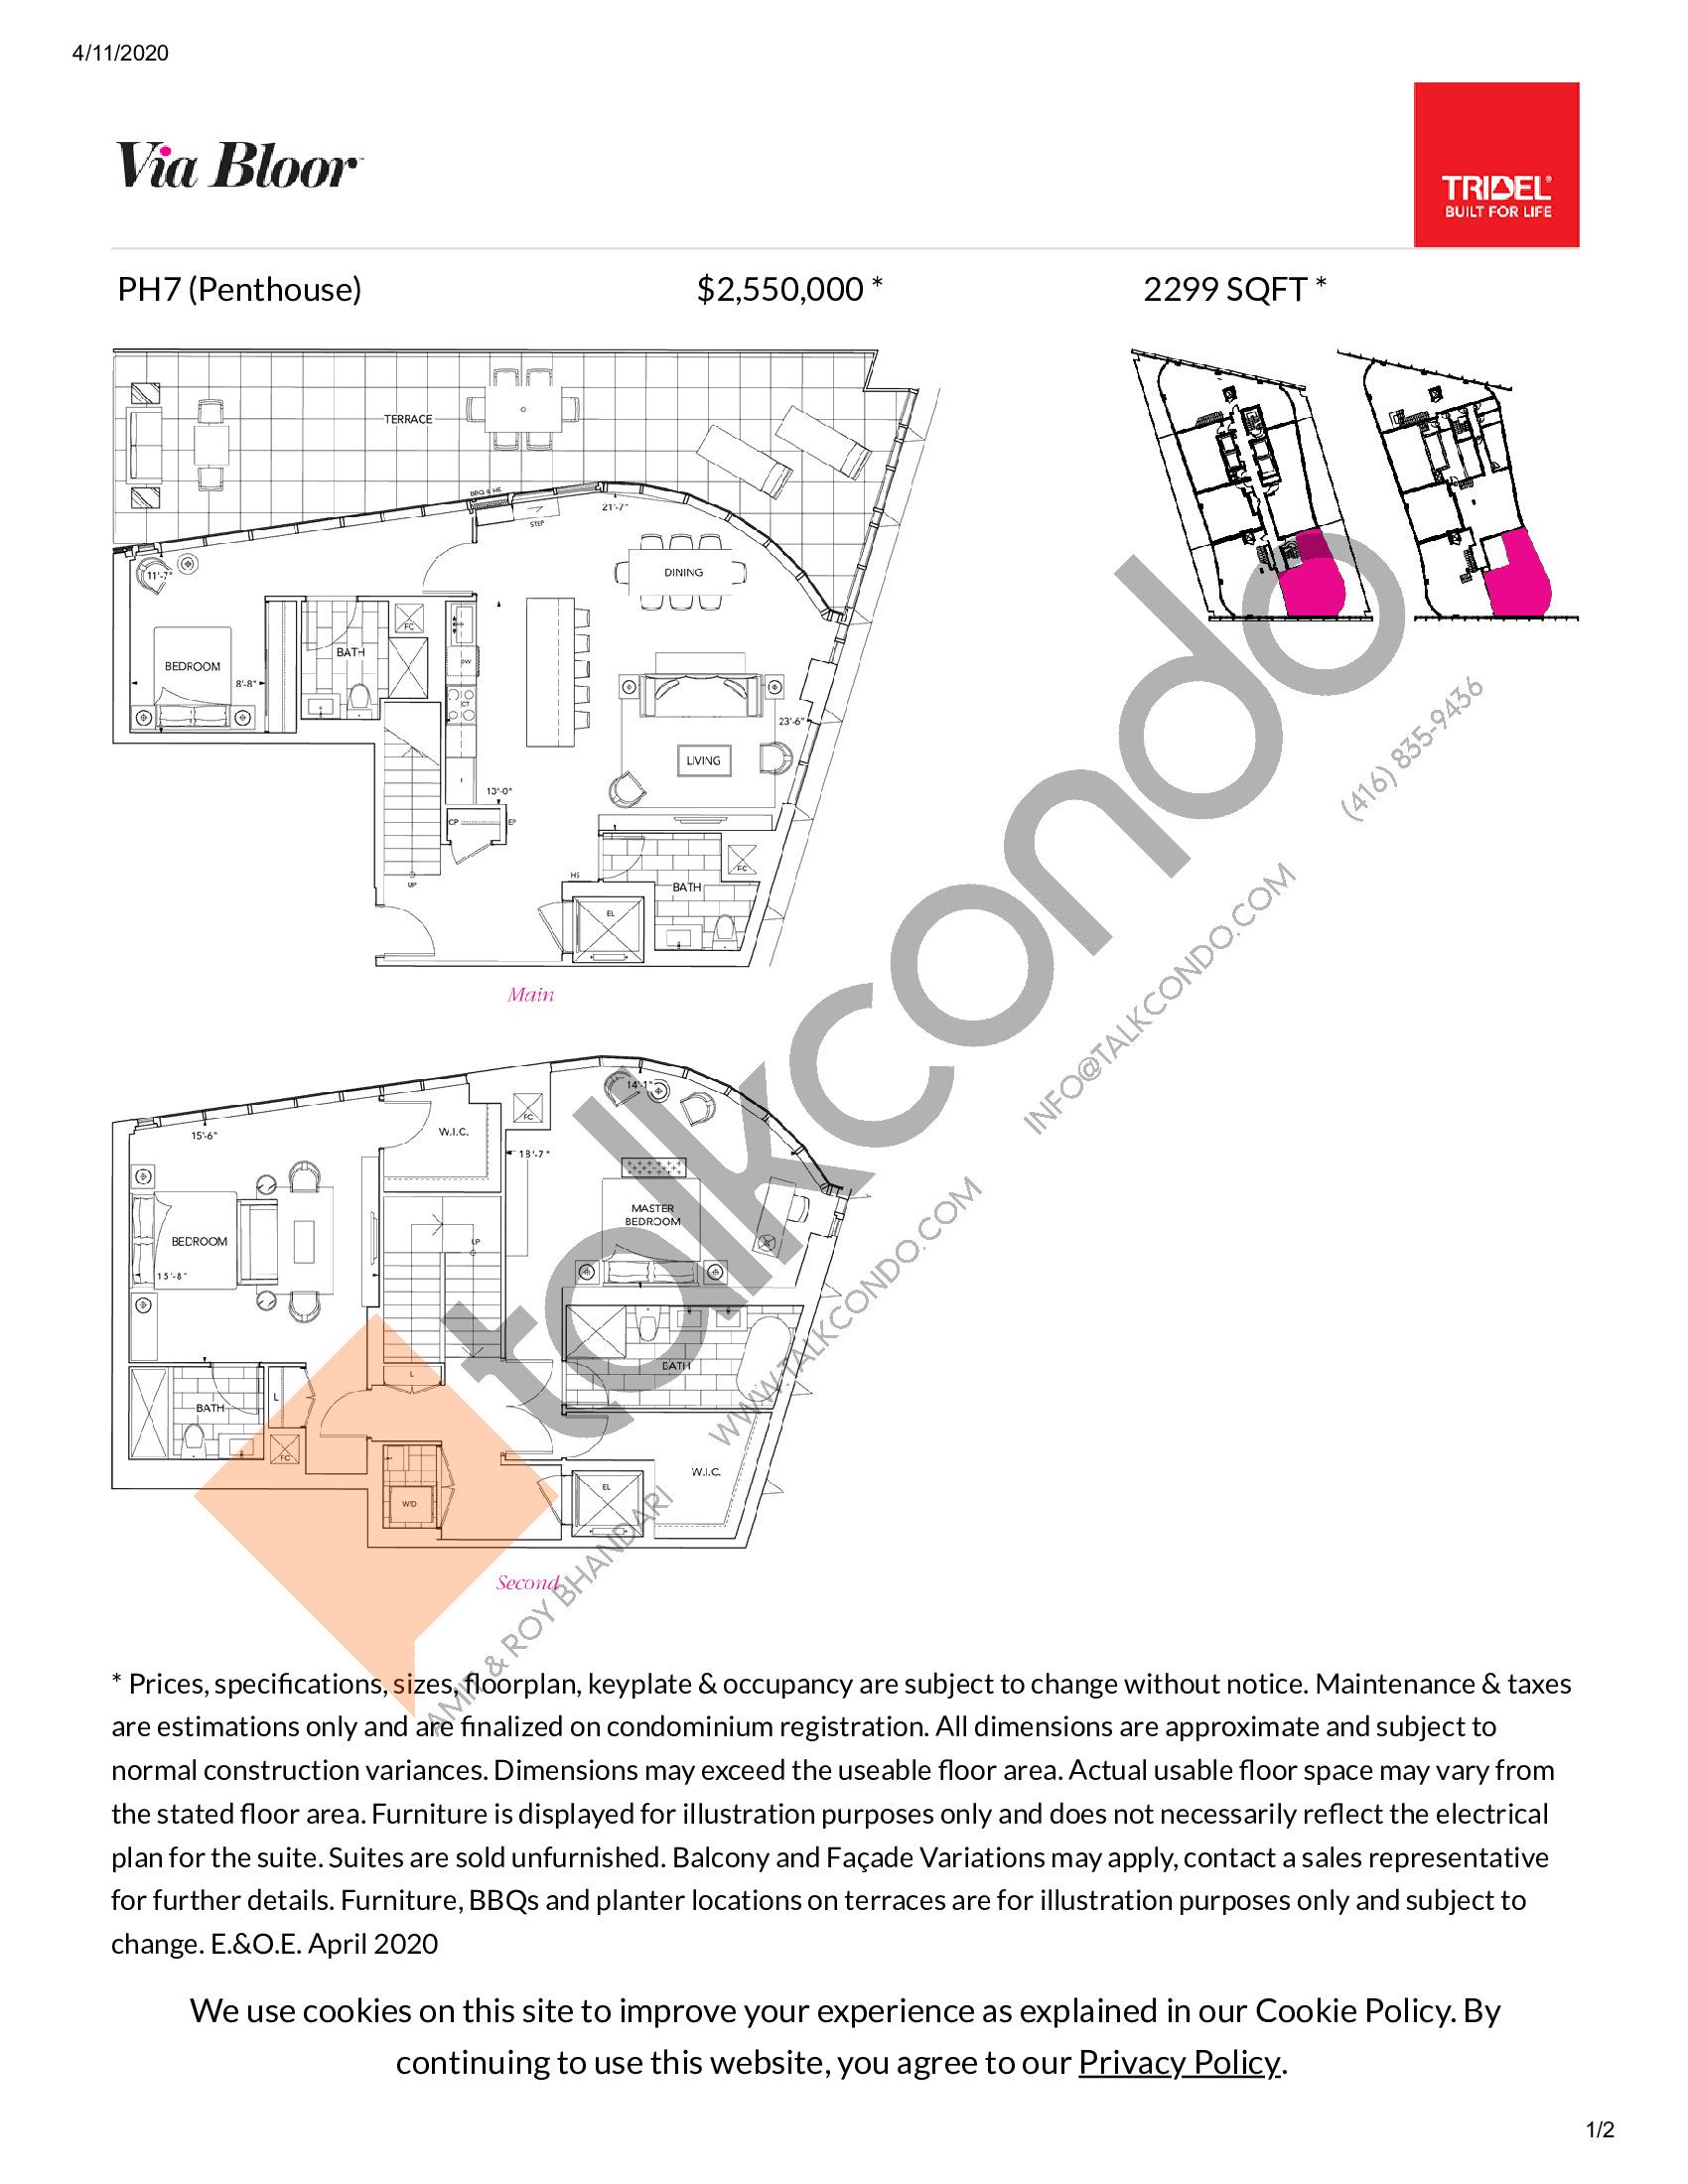 PH7 Floor Plan at Via Bloor Condos - 2299 sq.ft